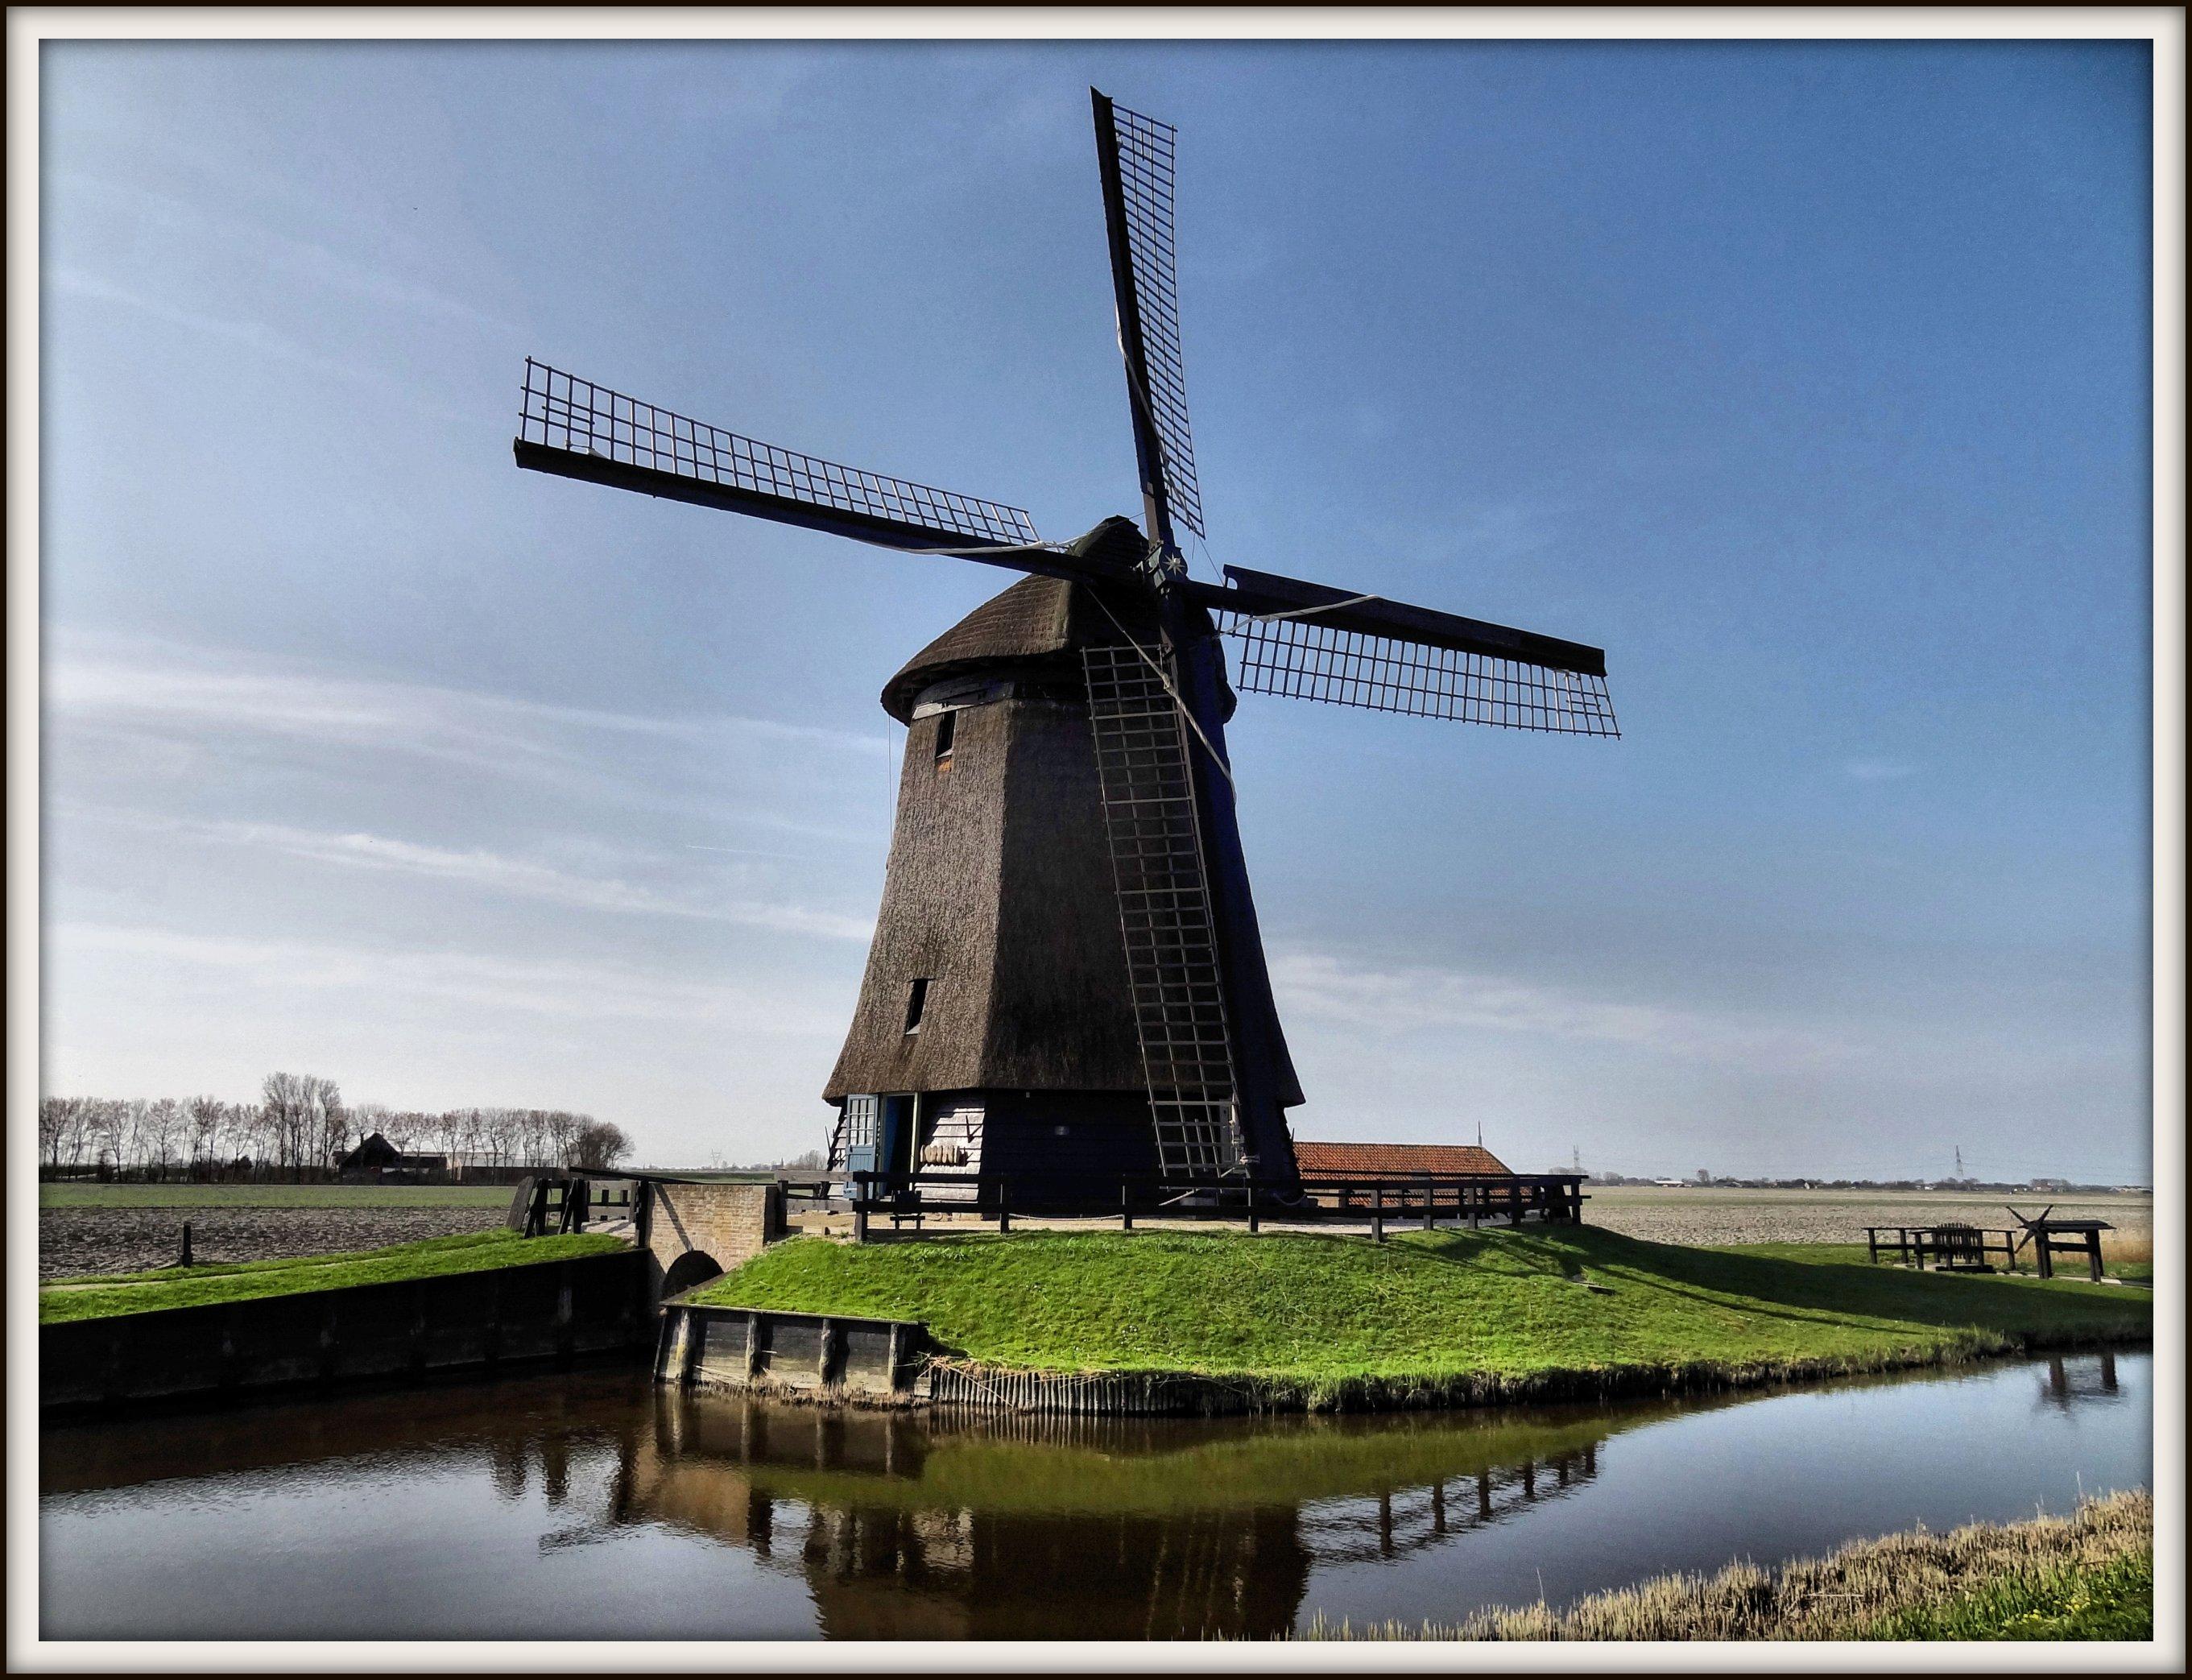 пятен может картинки первые ветряные мельницы в европе рубрике ниже вас